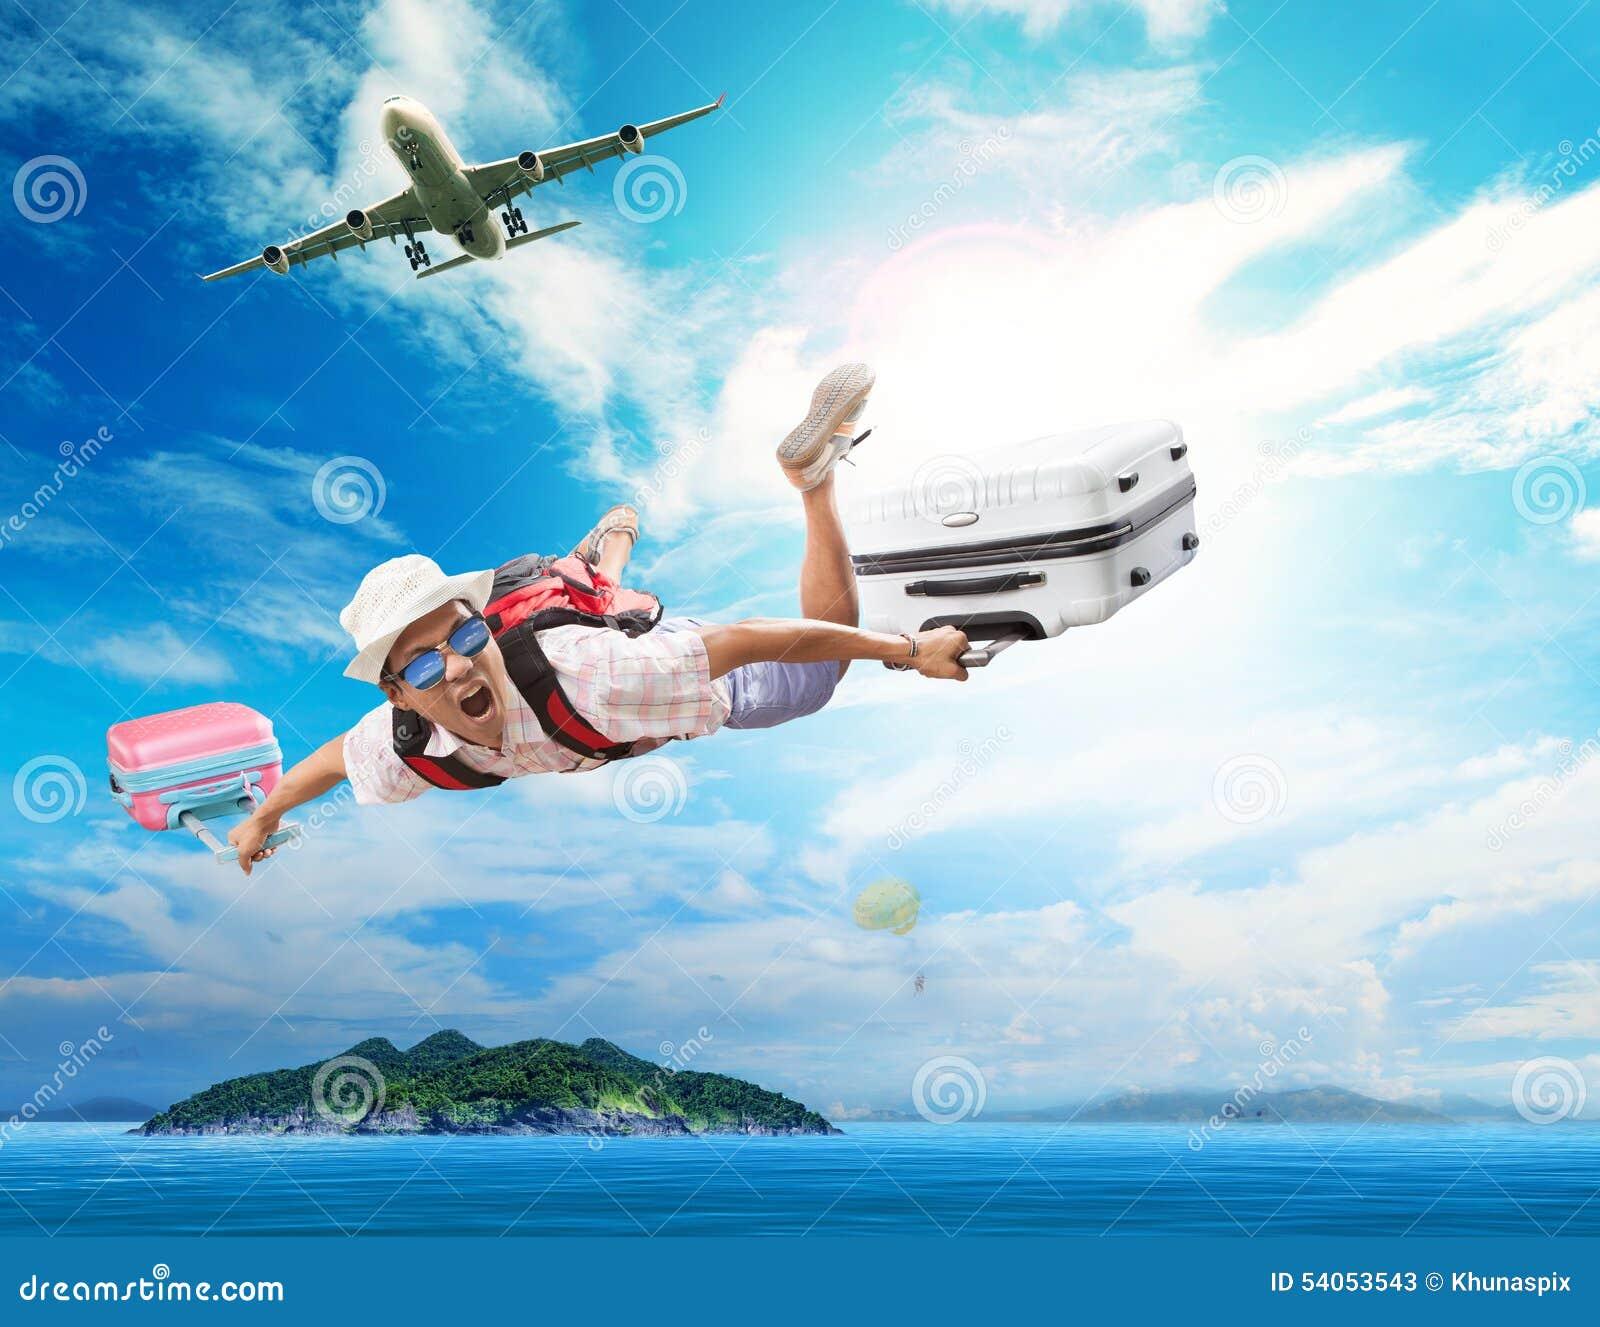 Flyg för ung man från passagerarenivån till den naturliga destinationen isl